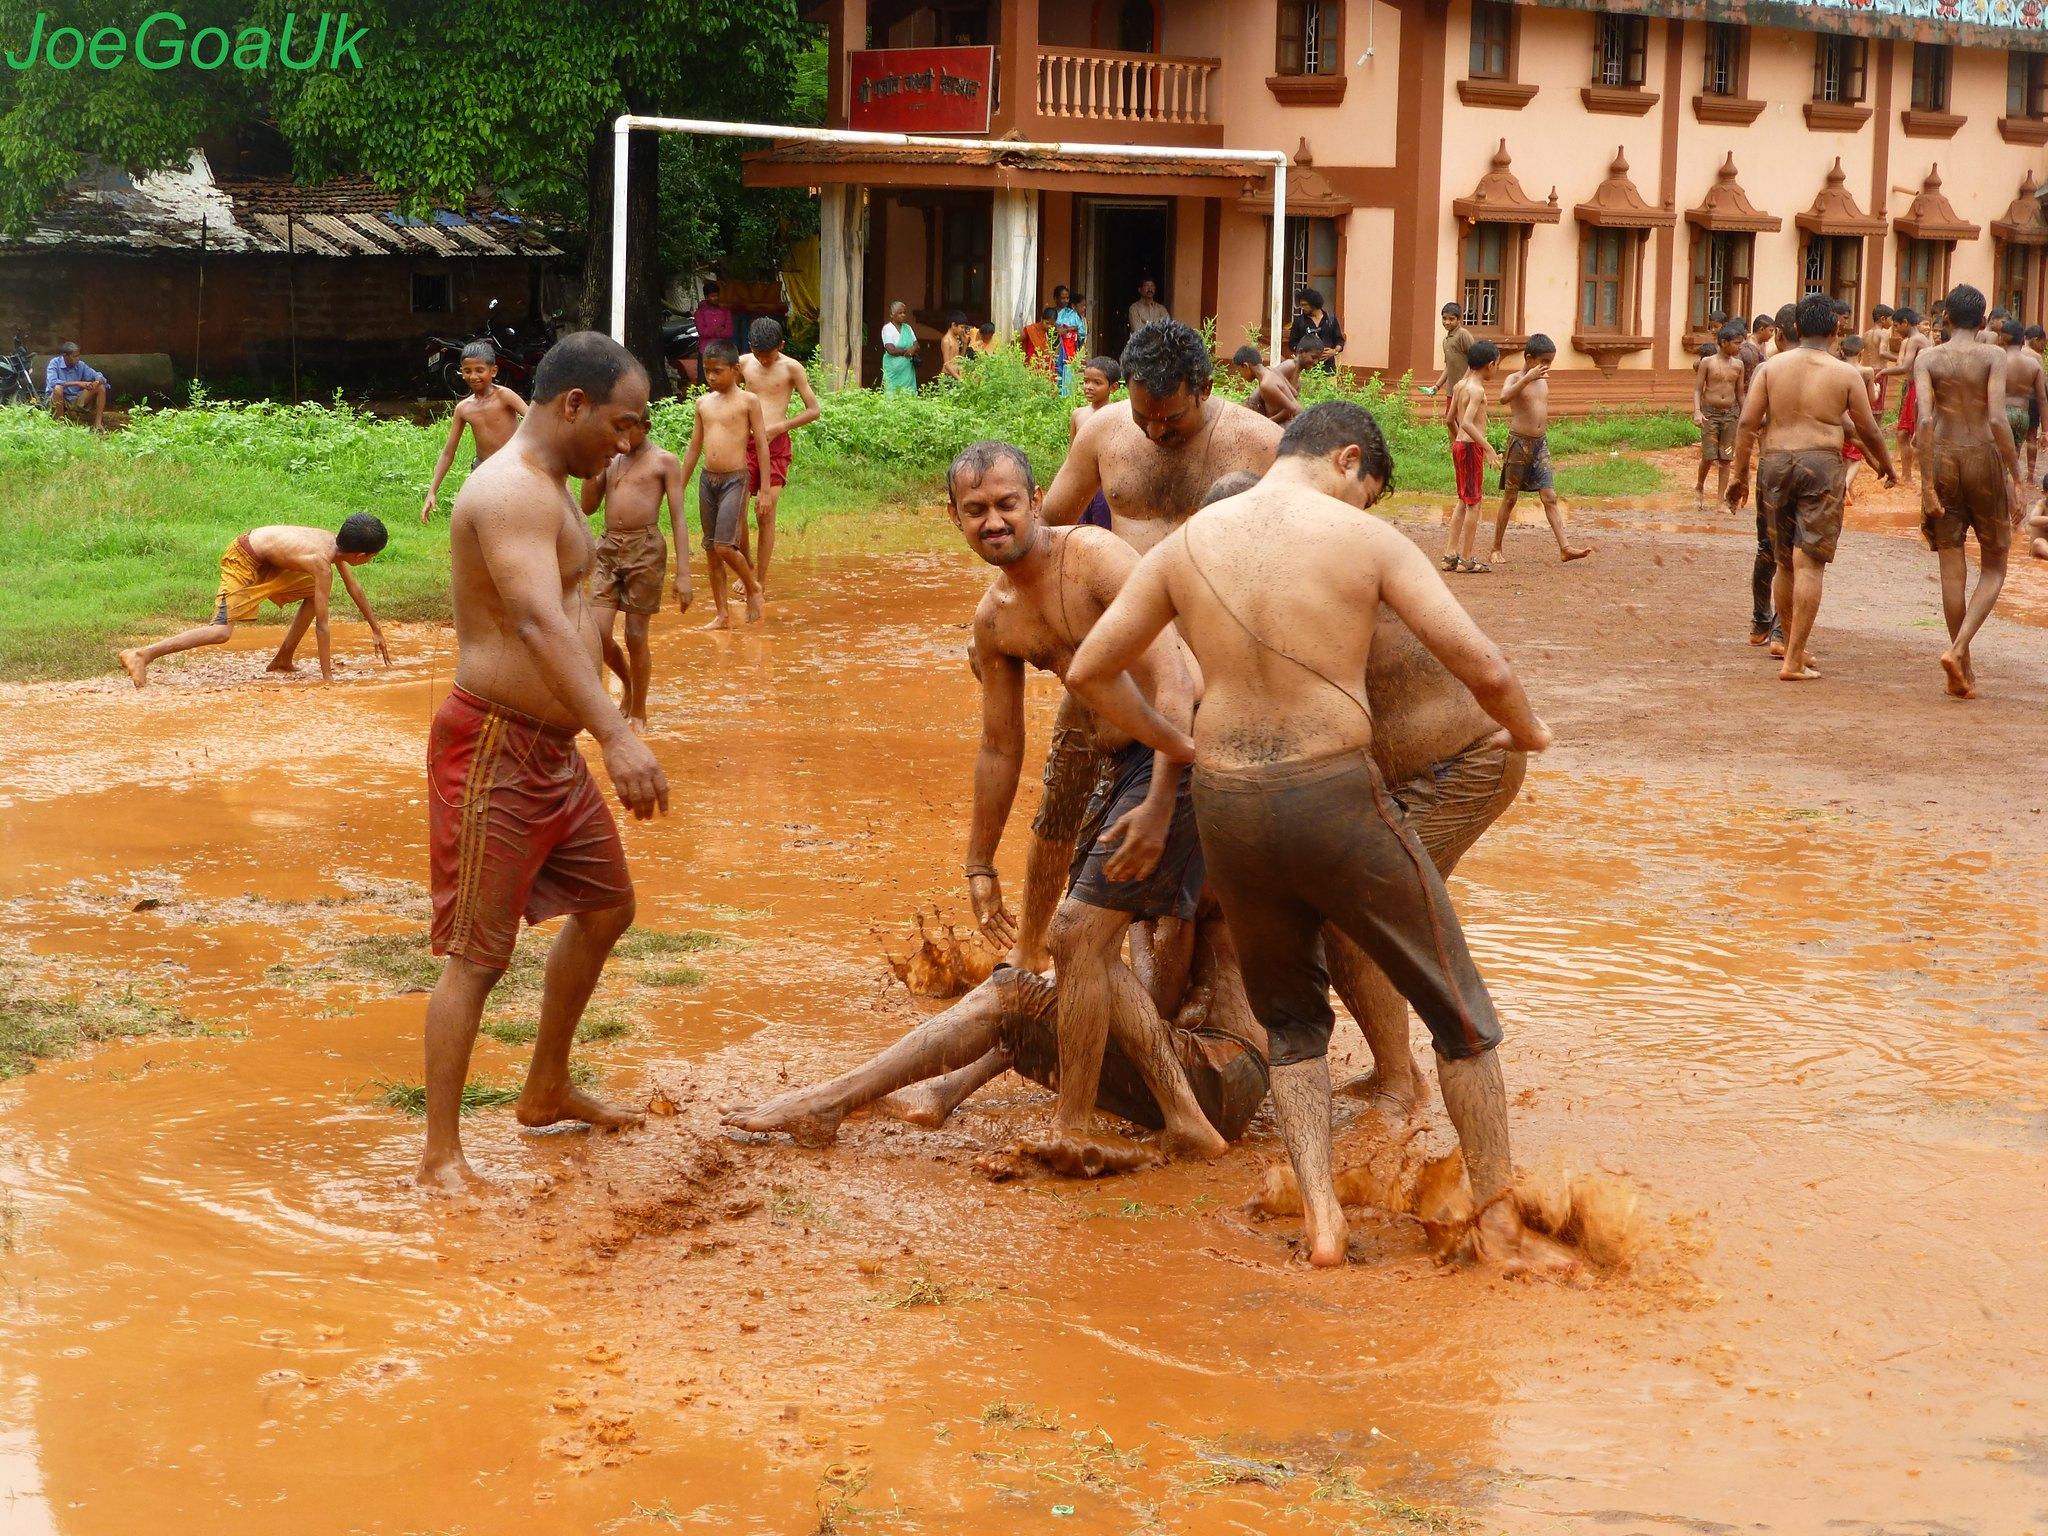 Chikalkalo-Popular Monsoon Festival in Goa